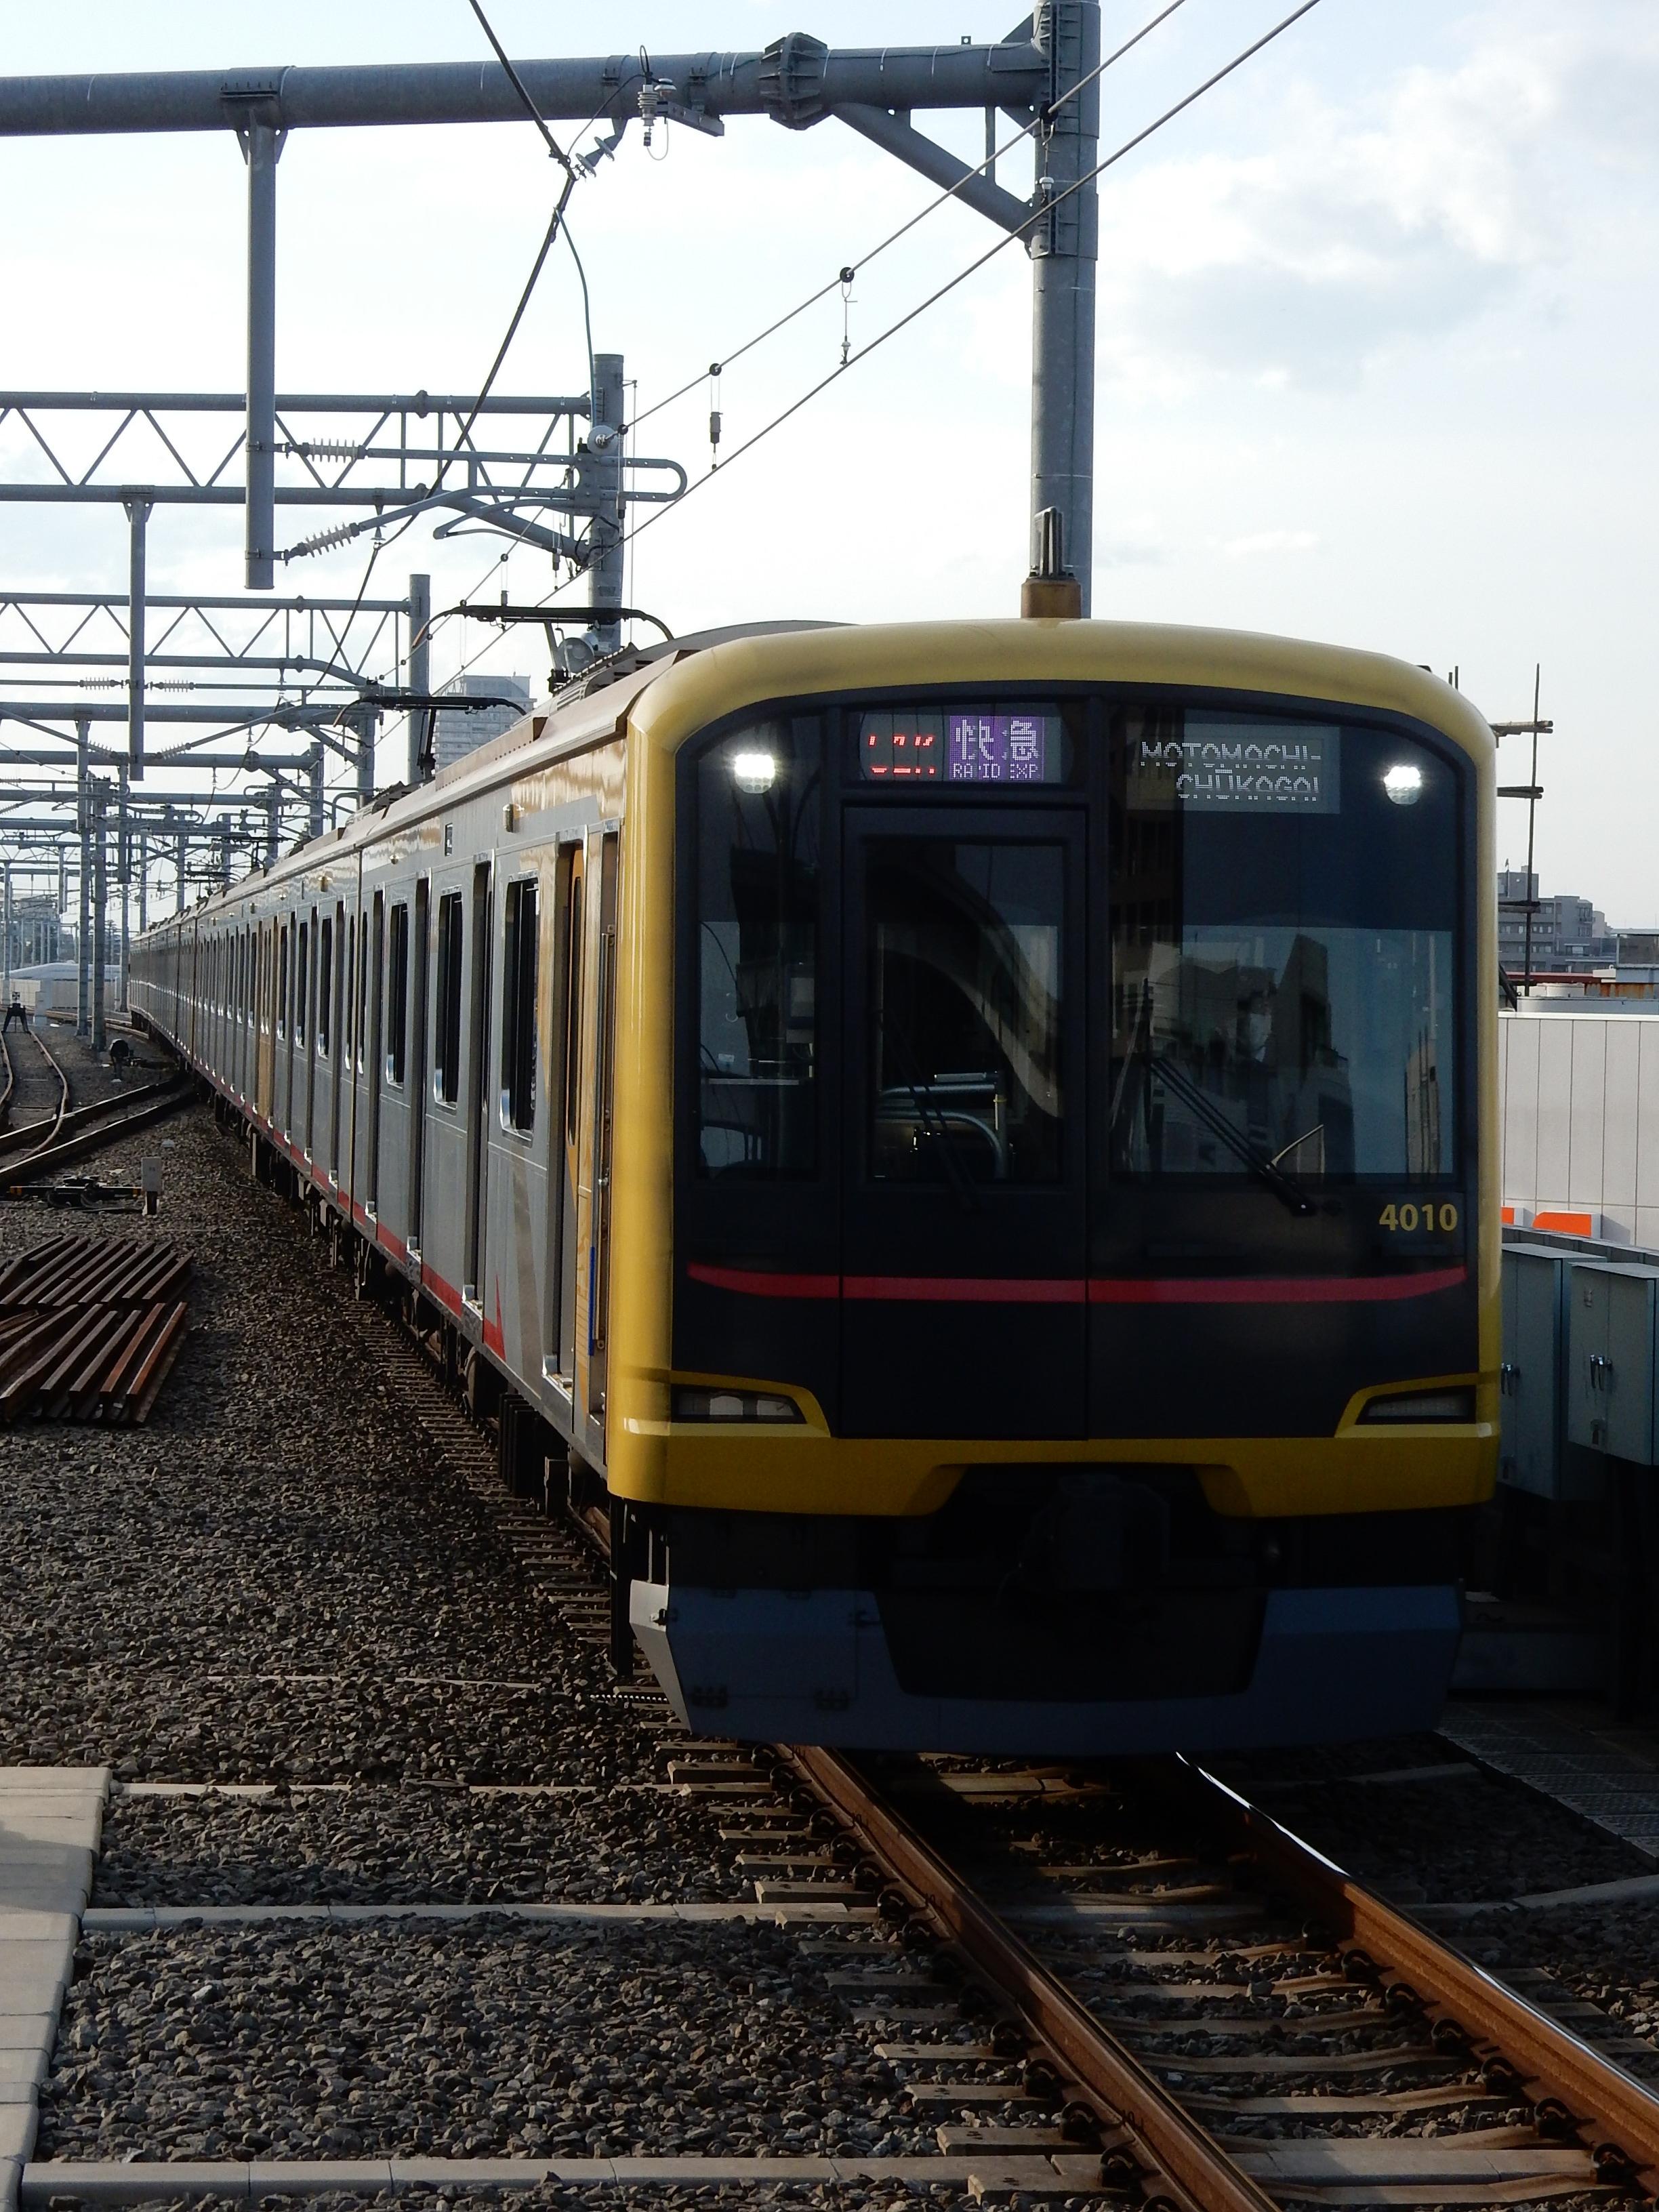 DSCN3278.jpg